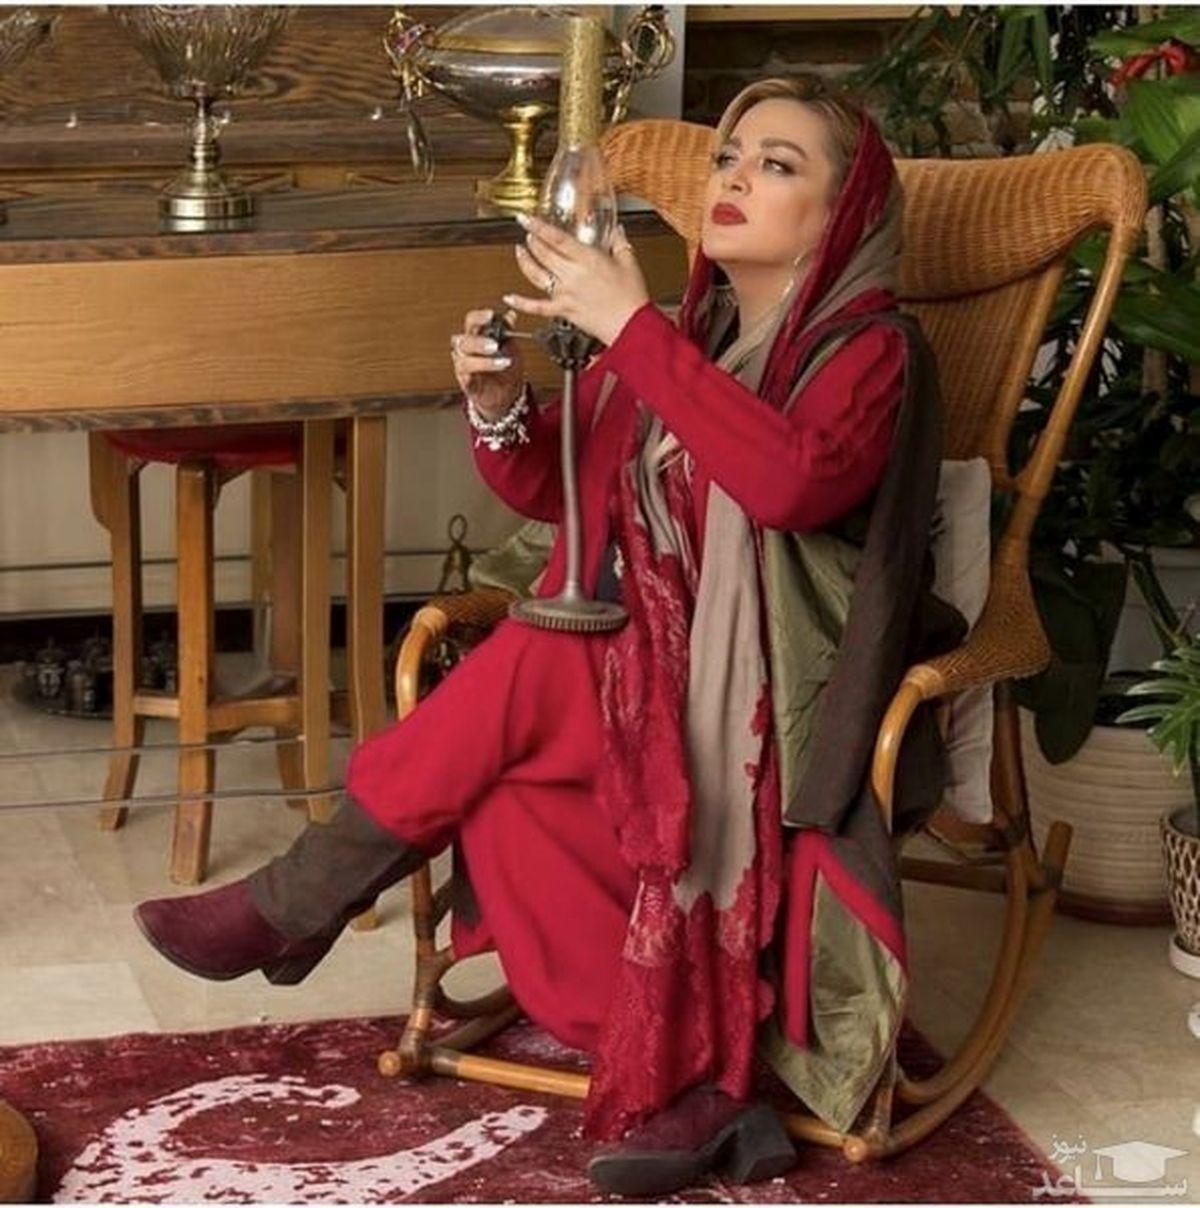 قصر سوپر لوکس همسر دوم بهاره رهنما غوغا به پا کرد + عکس جنجالی